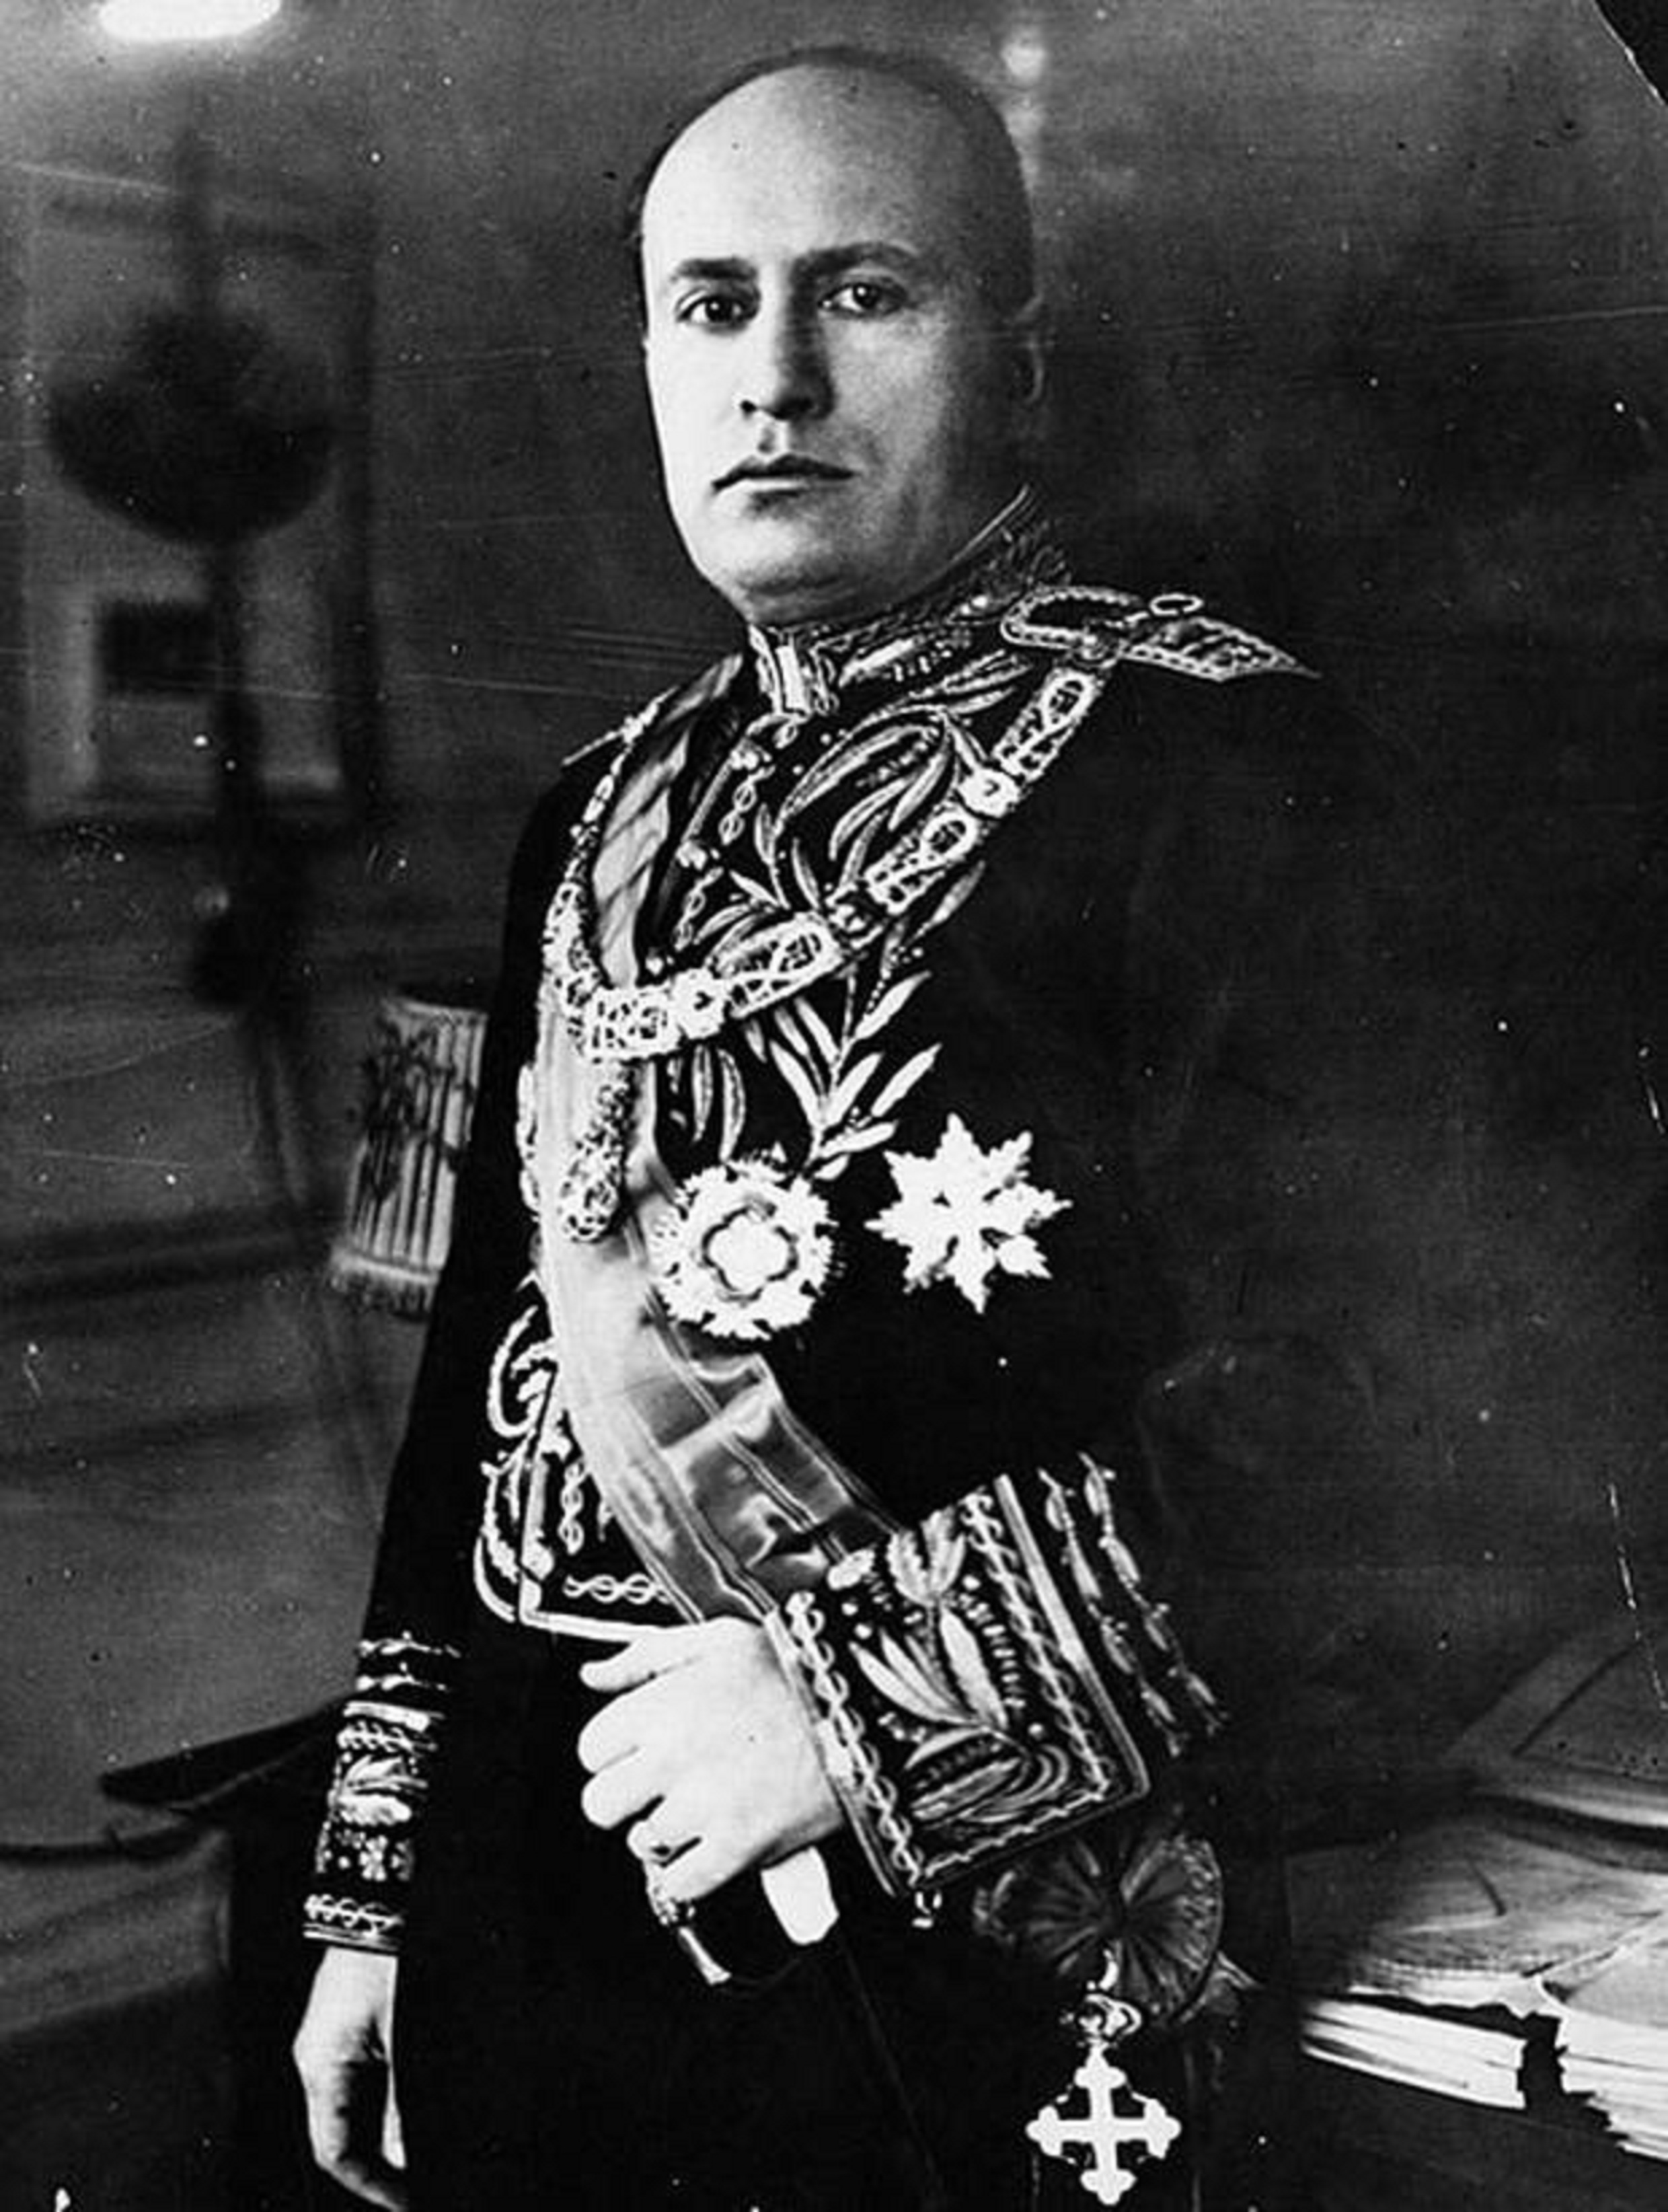 Fotografia_di_Benito_Mussolini_in_Abito_Cerimoniale.jpeg